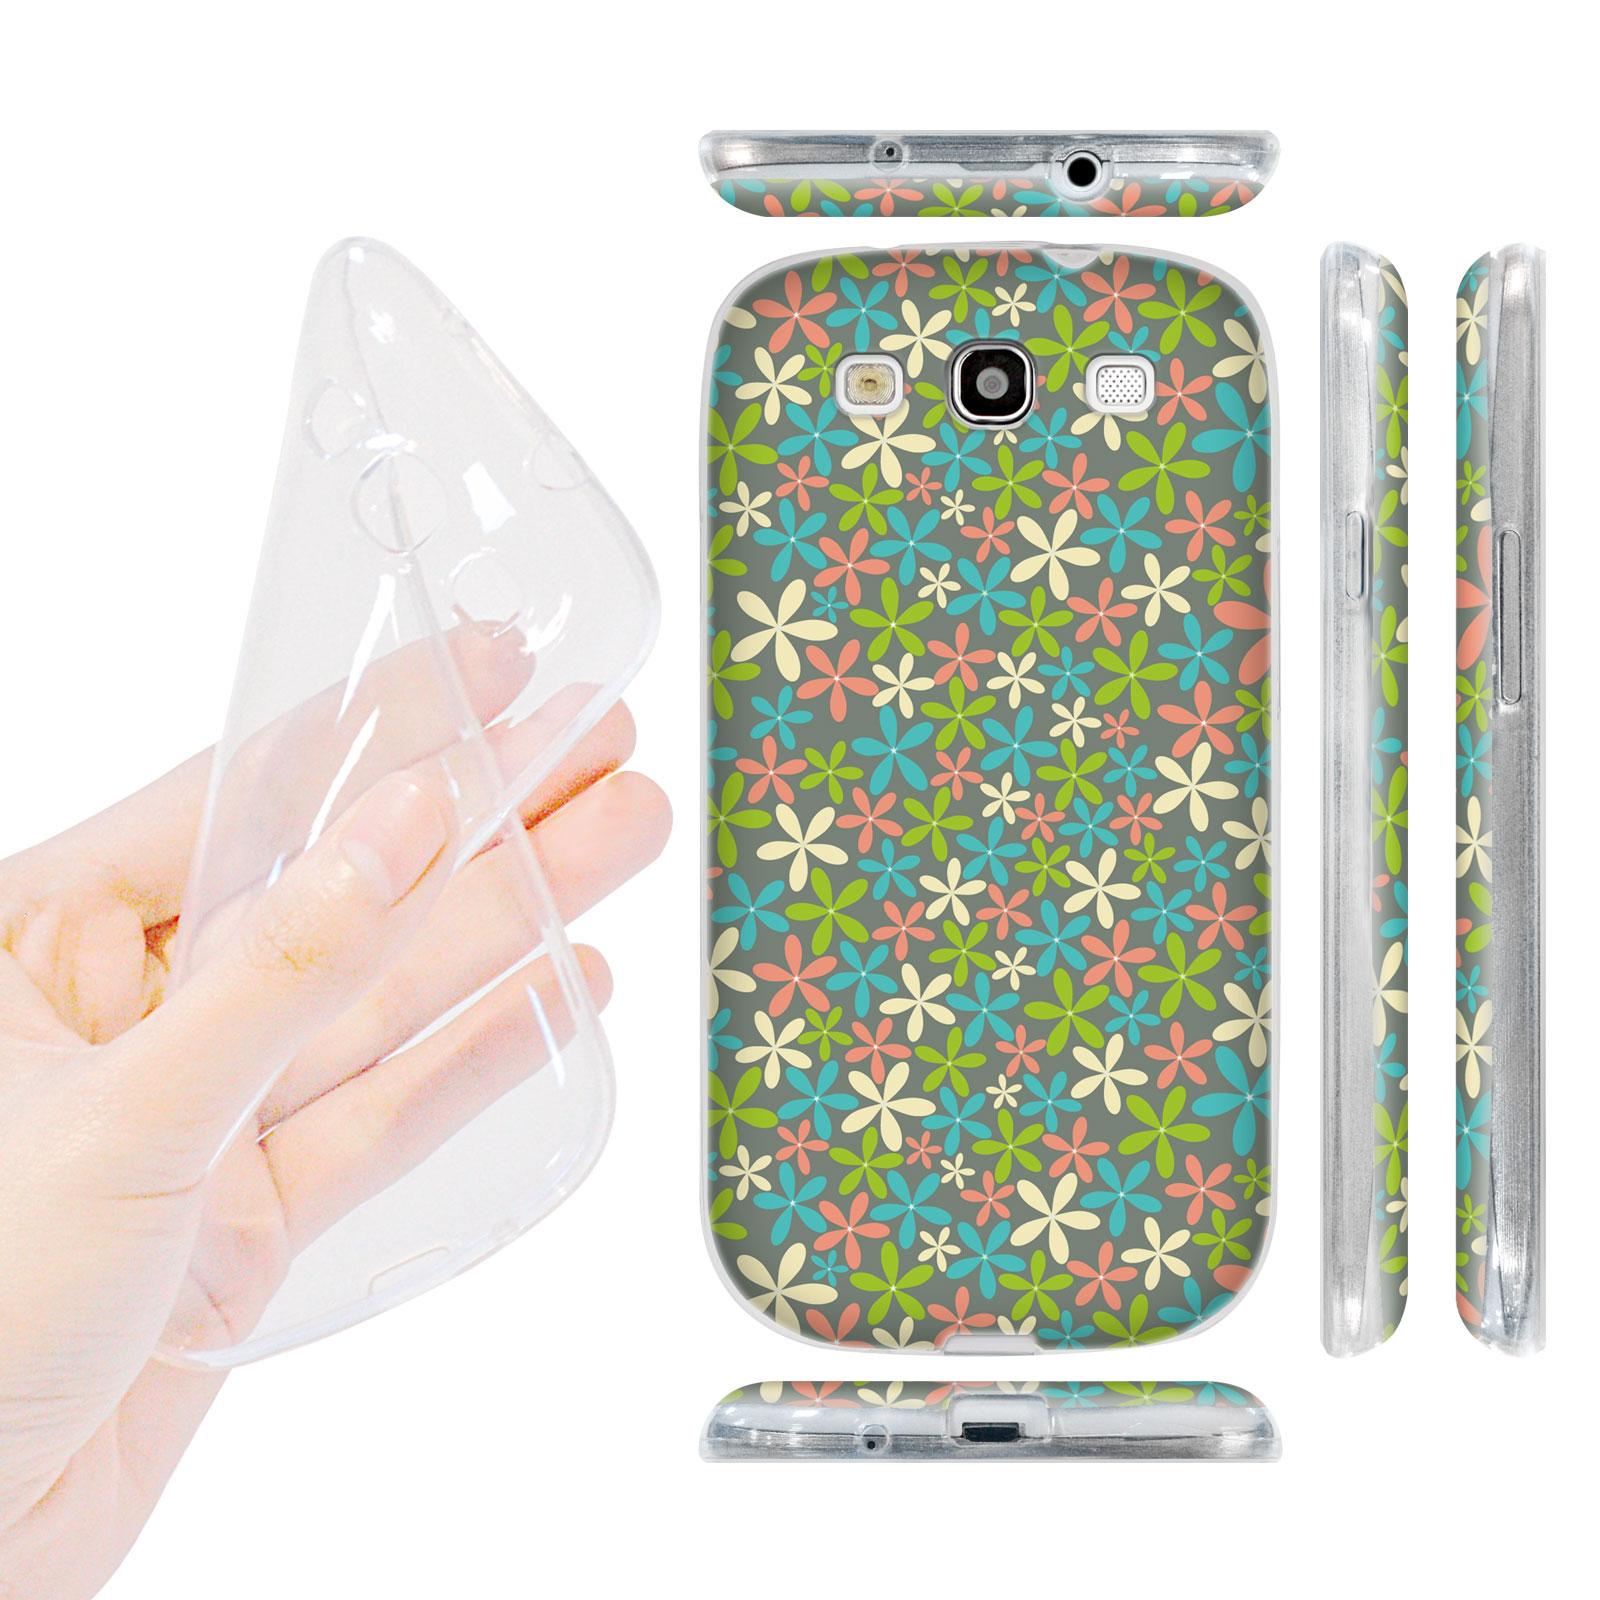 HEAD CASE silikonový obal na mobil Galaxy S3 i9300 malé květinky tyrkysová  modrá barva empty 70da1b337b4